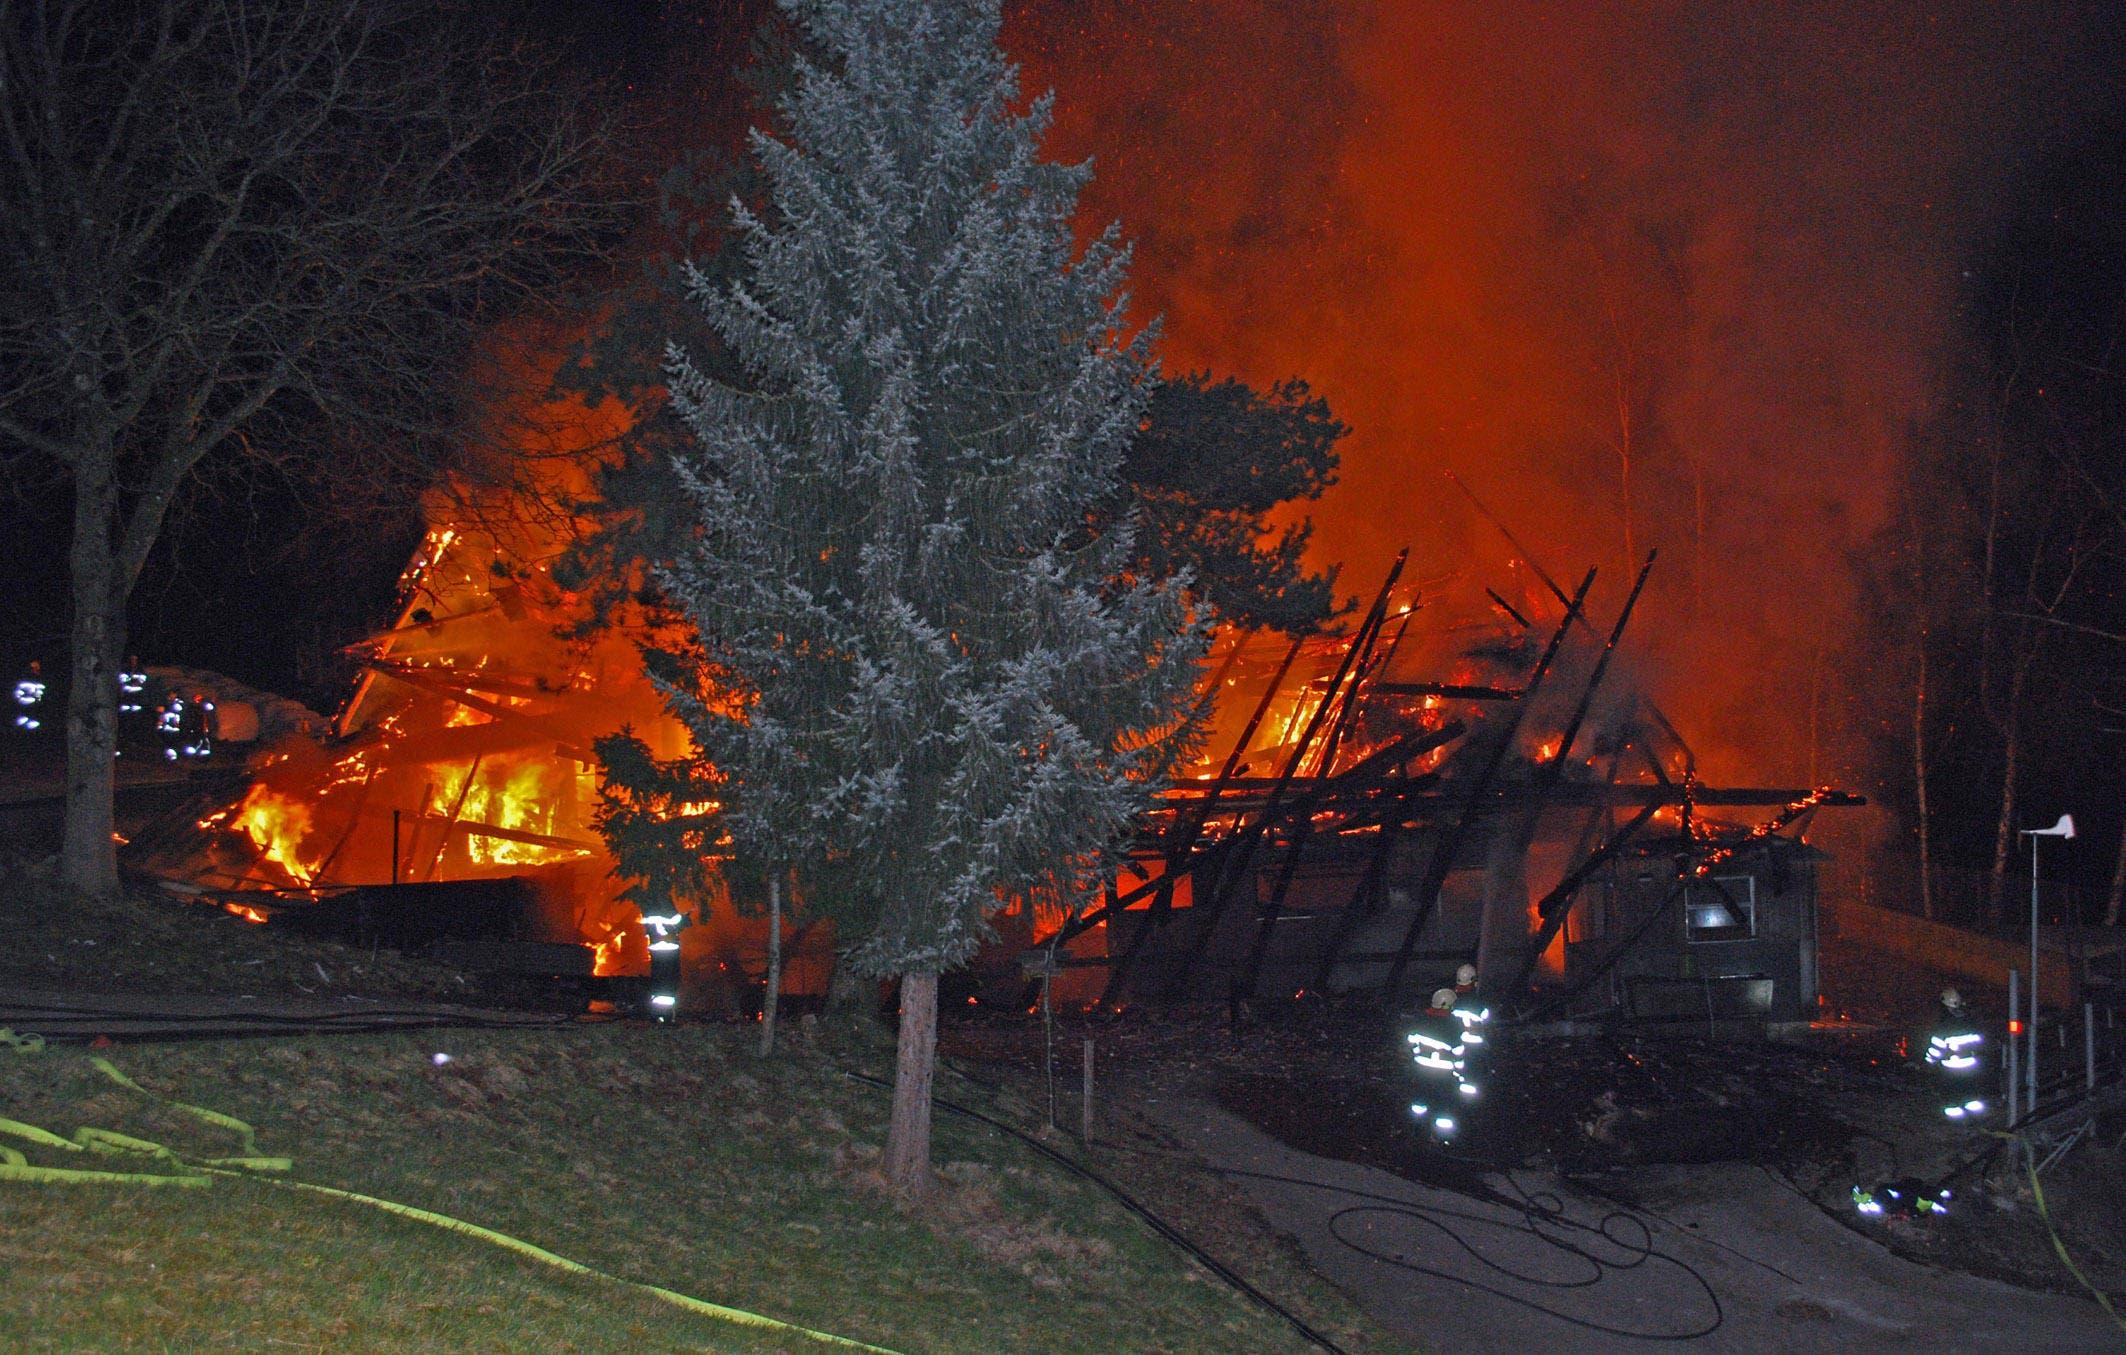 Der Brand der Scheune im Gebiet Hüseli zwischen Malters und Schwarzenberg ist um 1.15 Uhr gemeldet worden. (Bild: Luzerner Polizei)